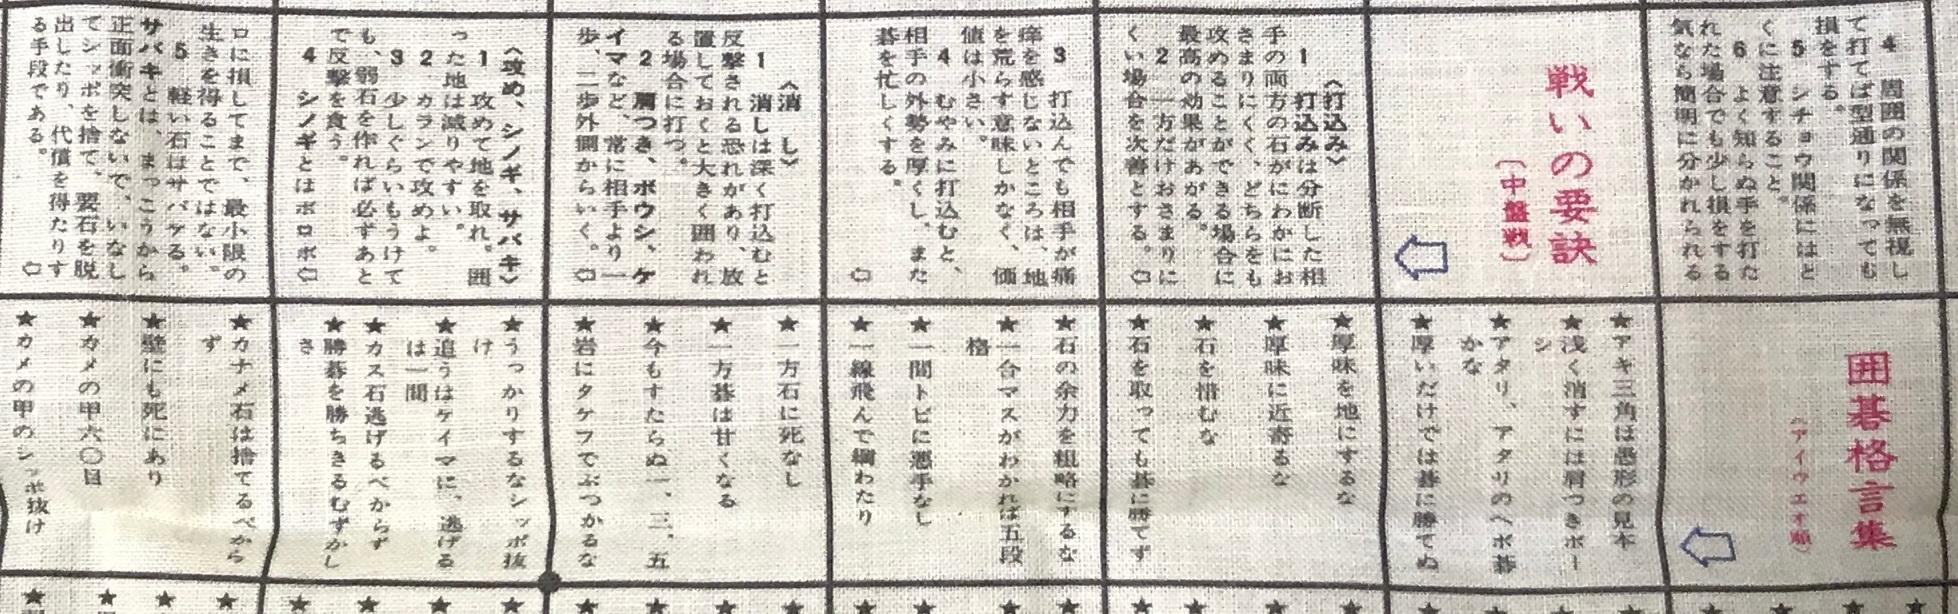 『囲碁百科ハンカチ』 その10